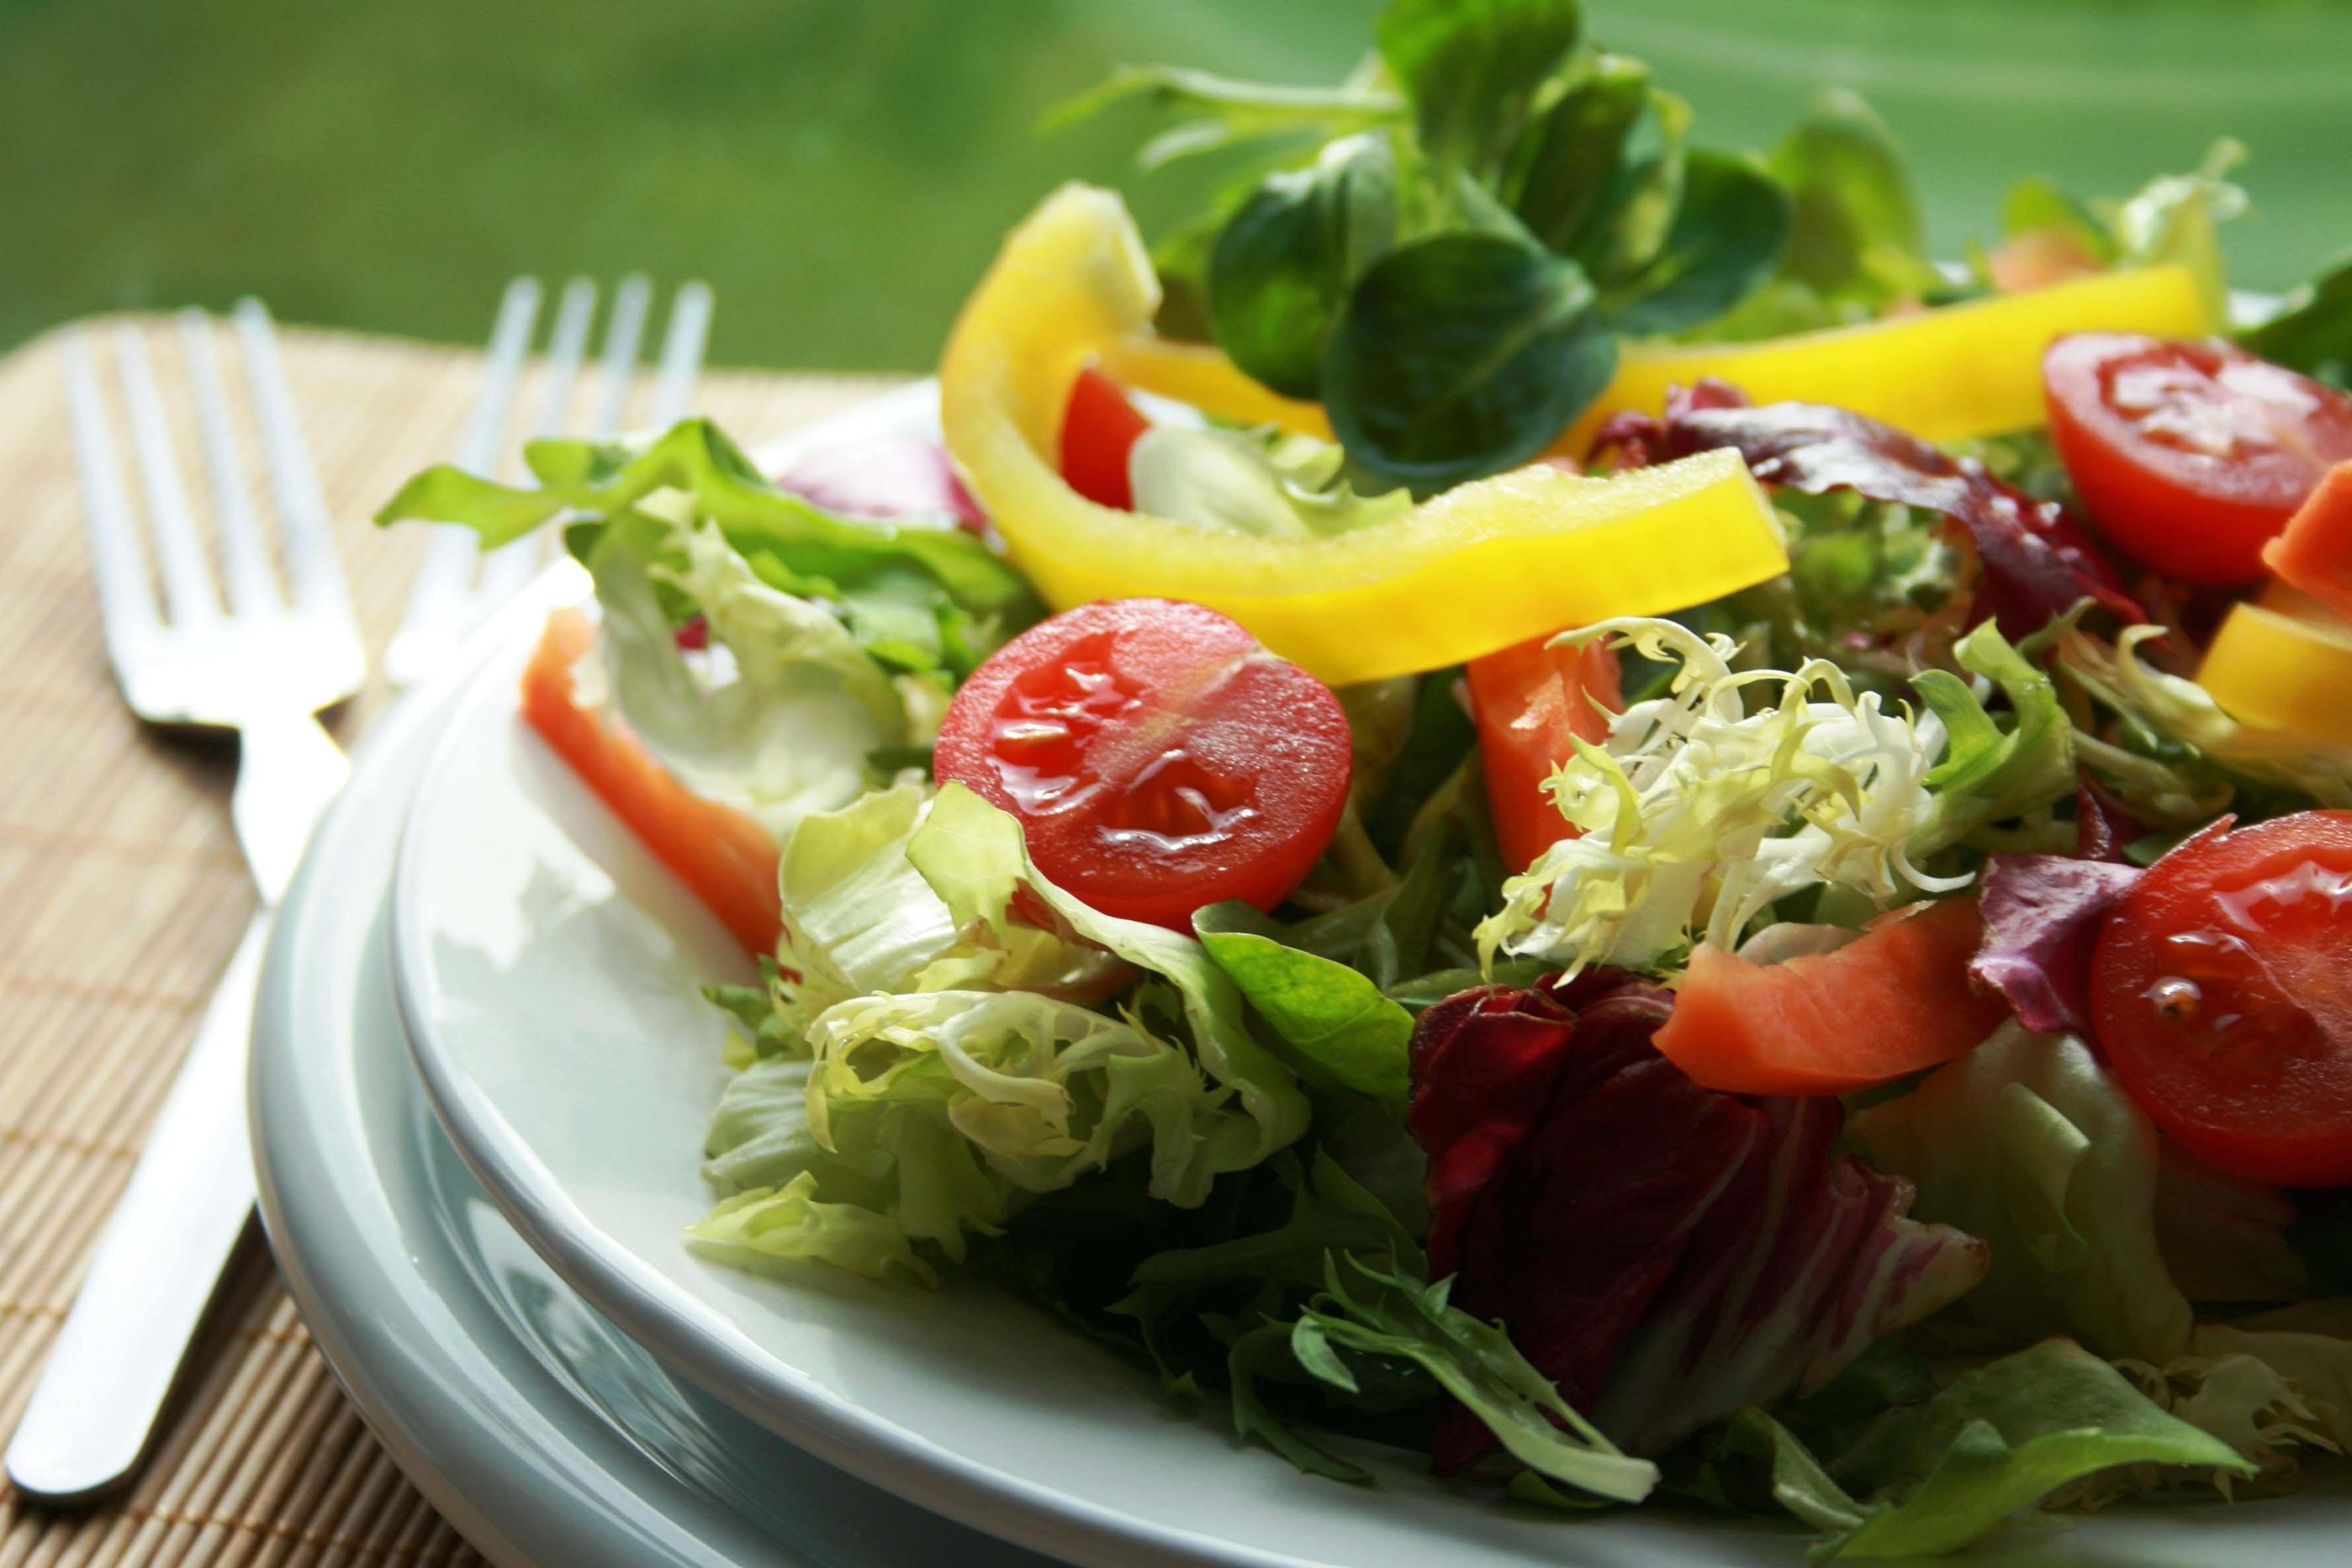 Dicas de Como Controlar Quantidade de Alimentos para Emagrecer